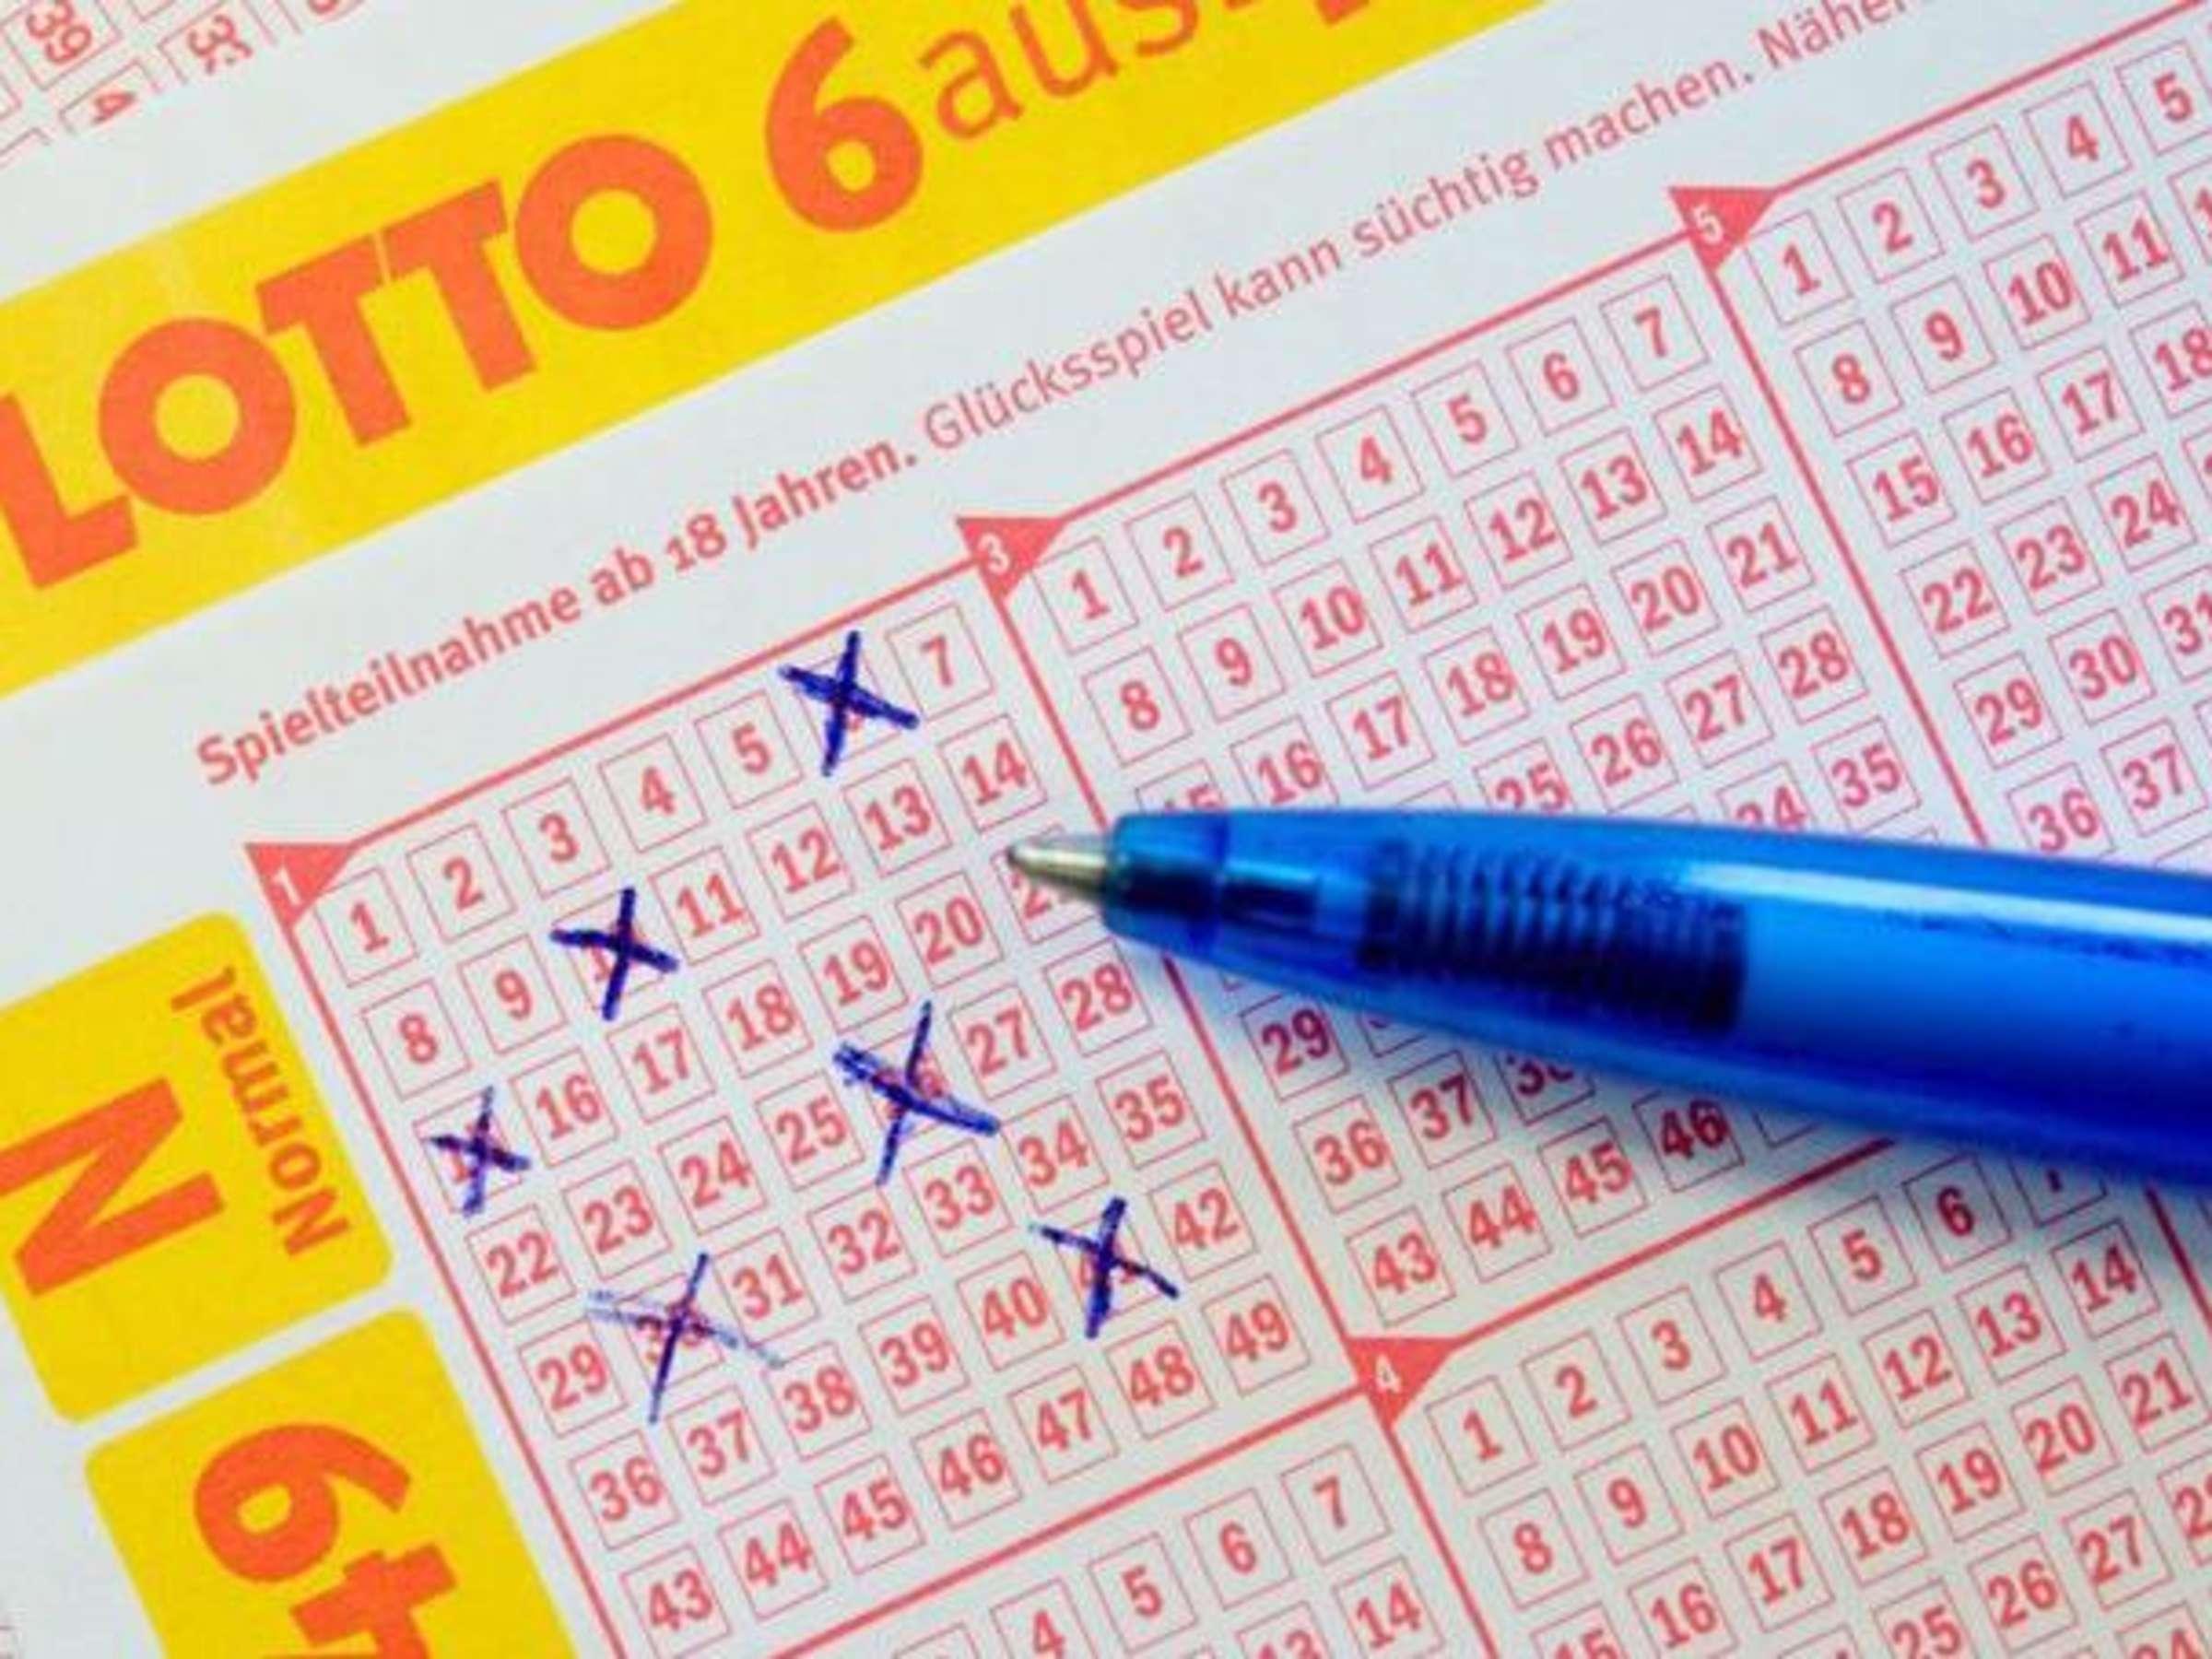 Merkur casino kostenlos spielen book of ra